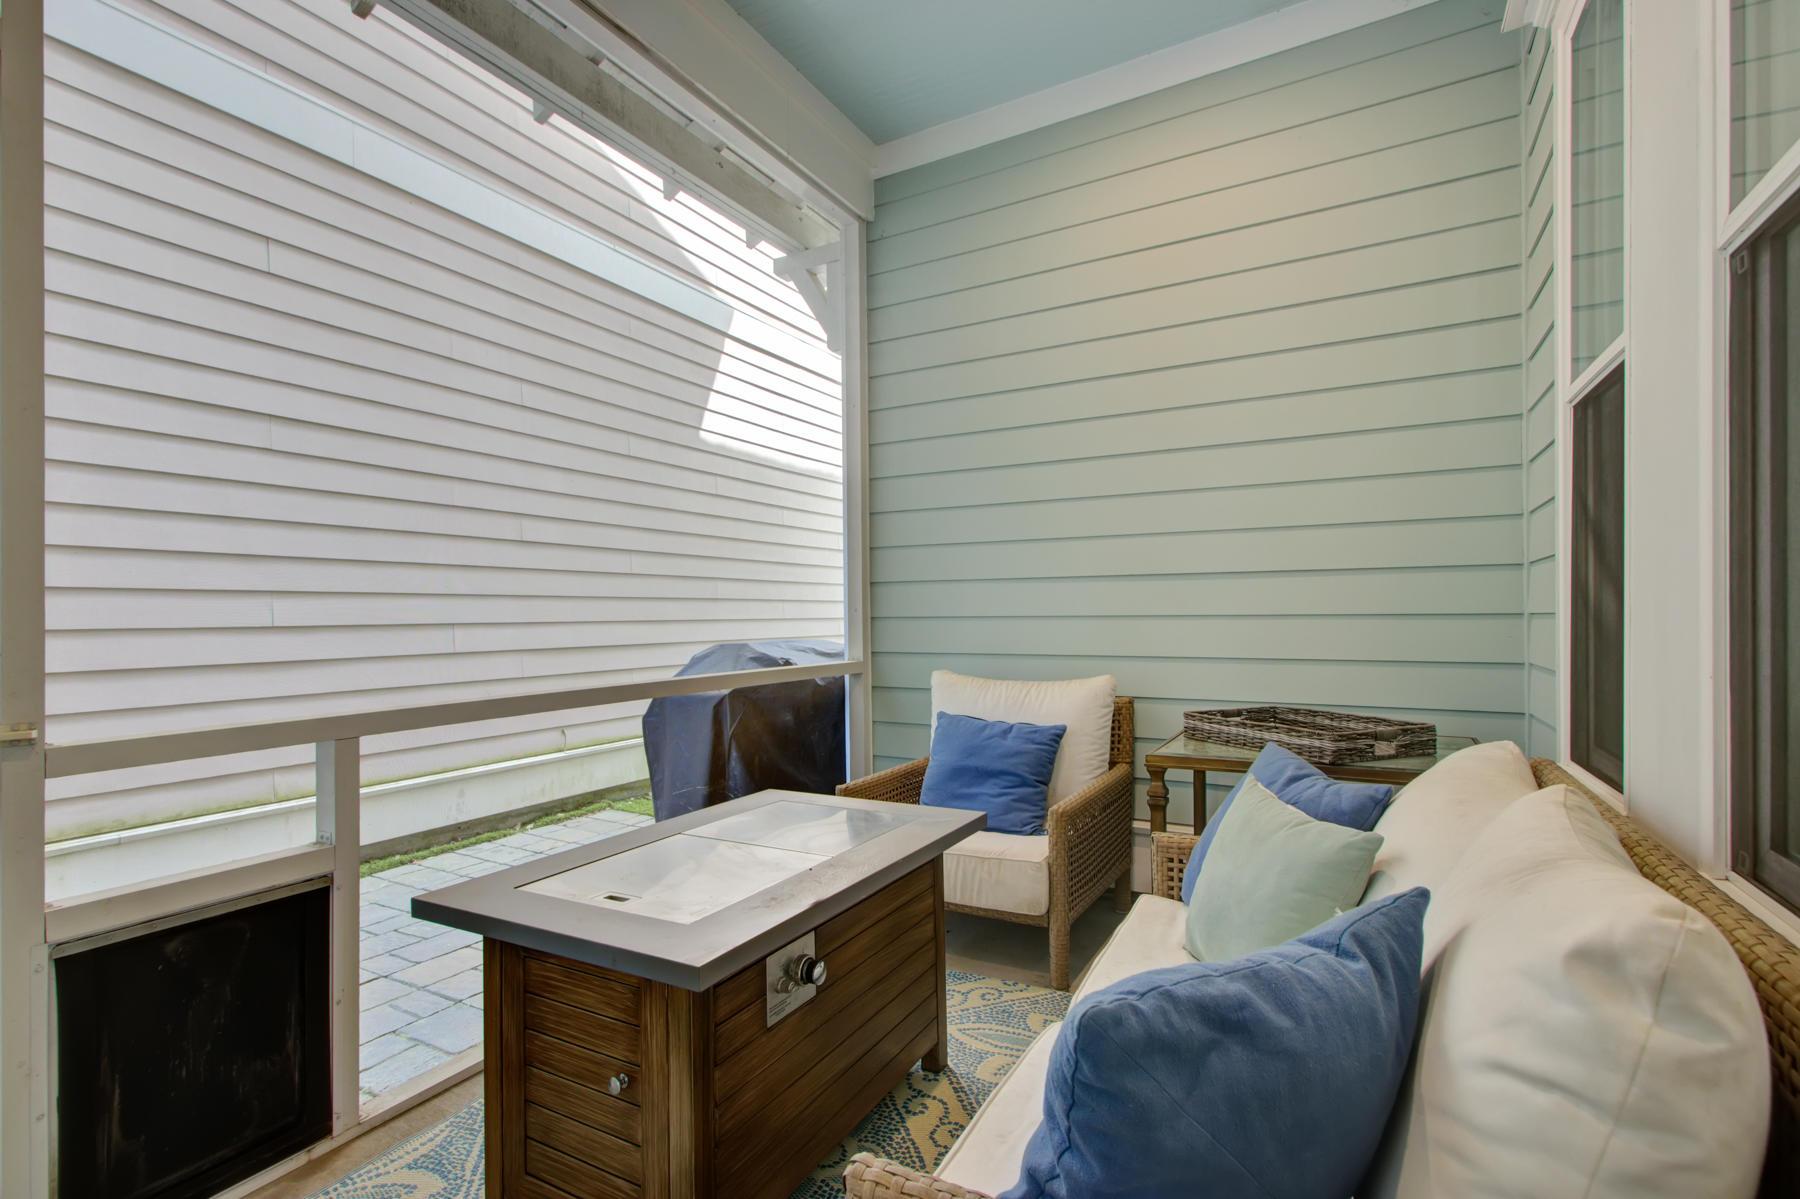 Moultrie Park Homes For Sale - 610 Ellingson, Mount Pleasant, SC - 4